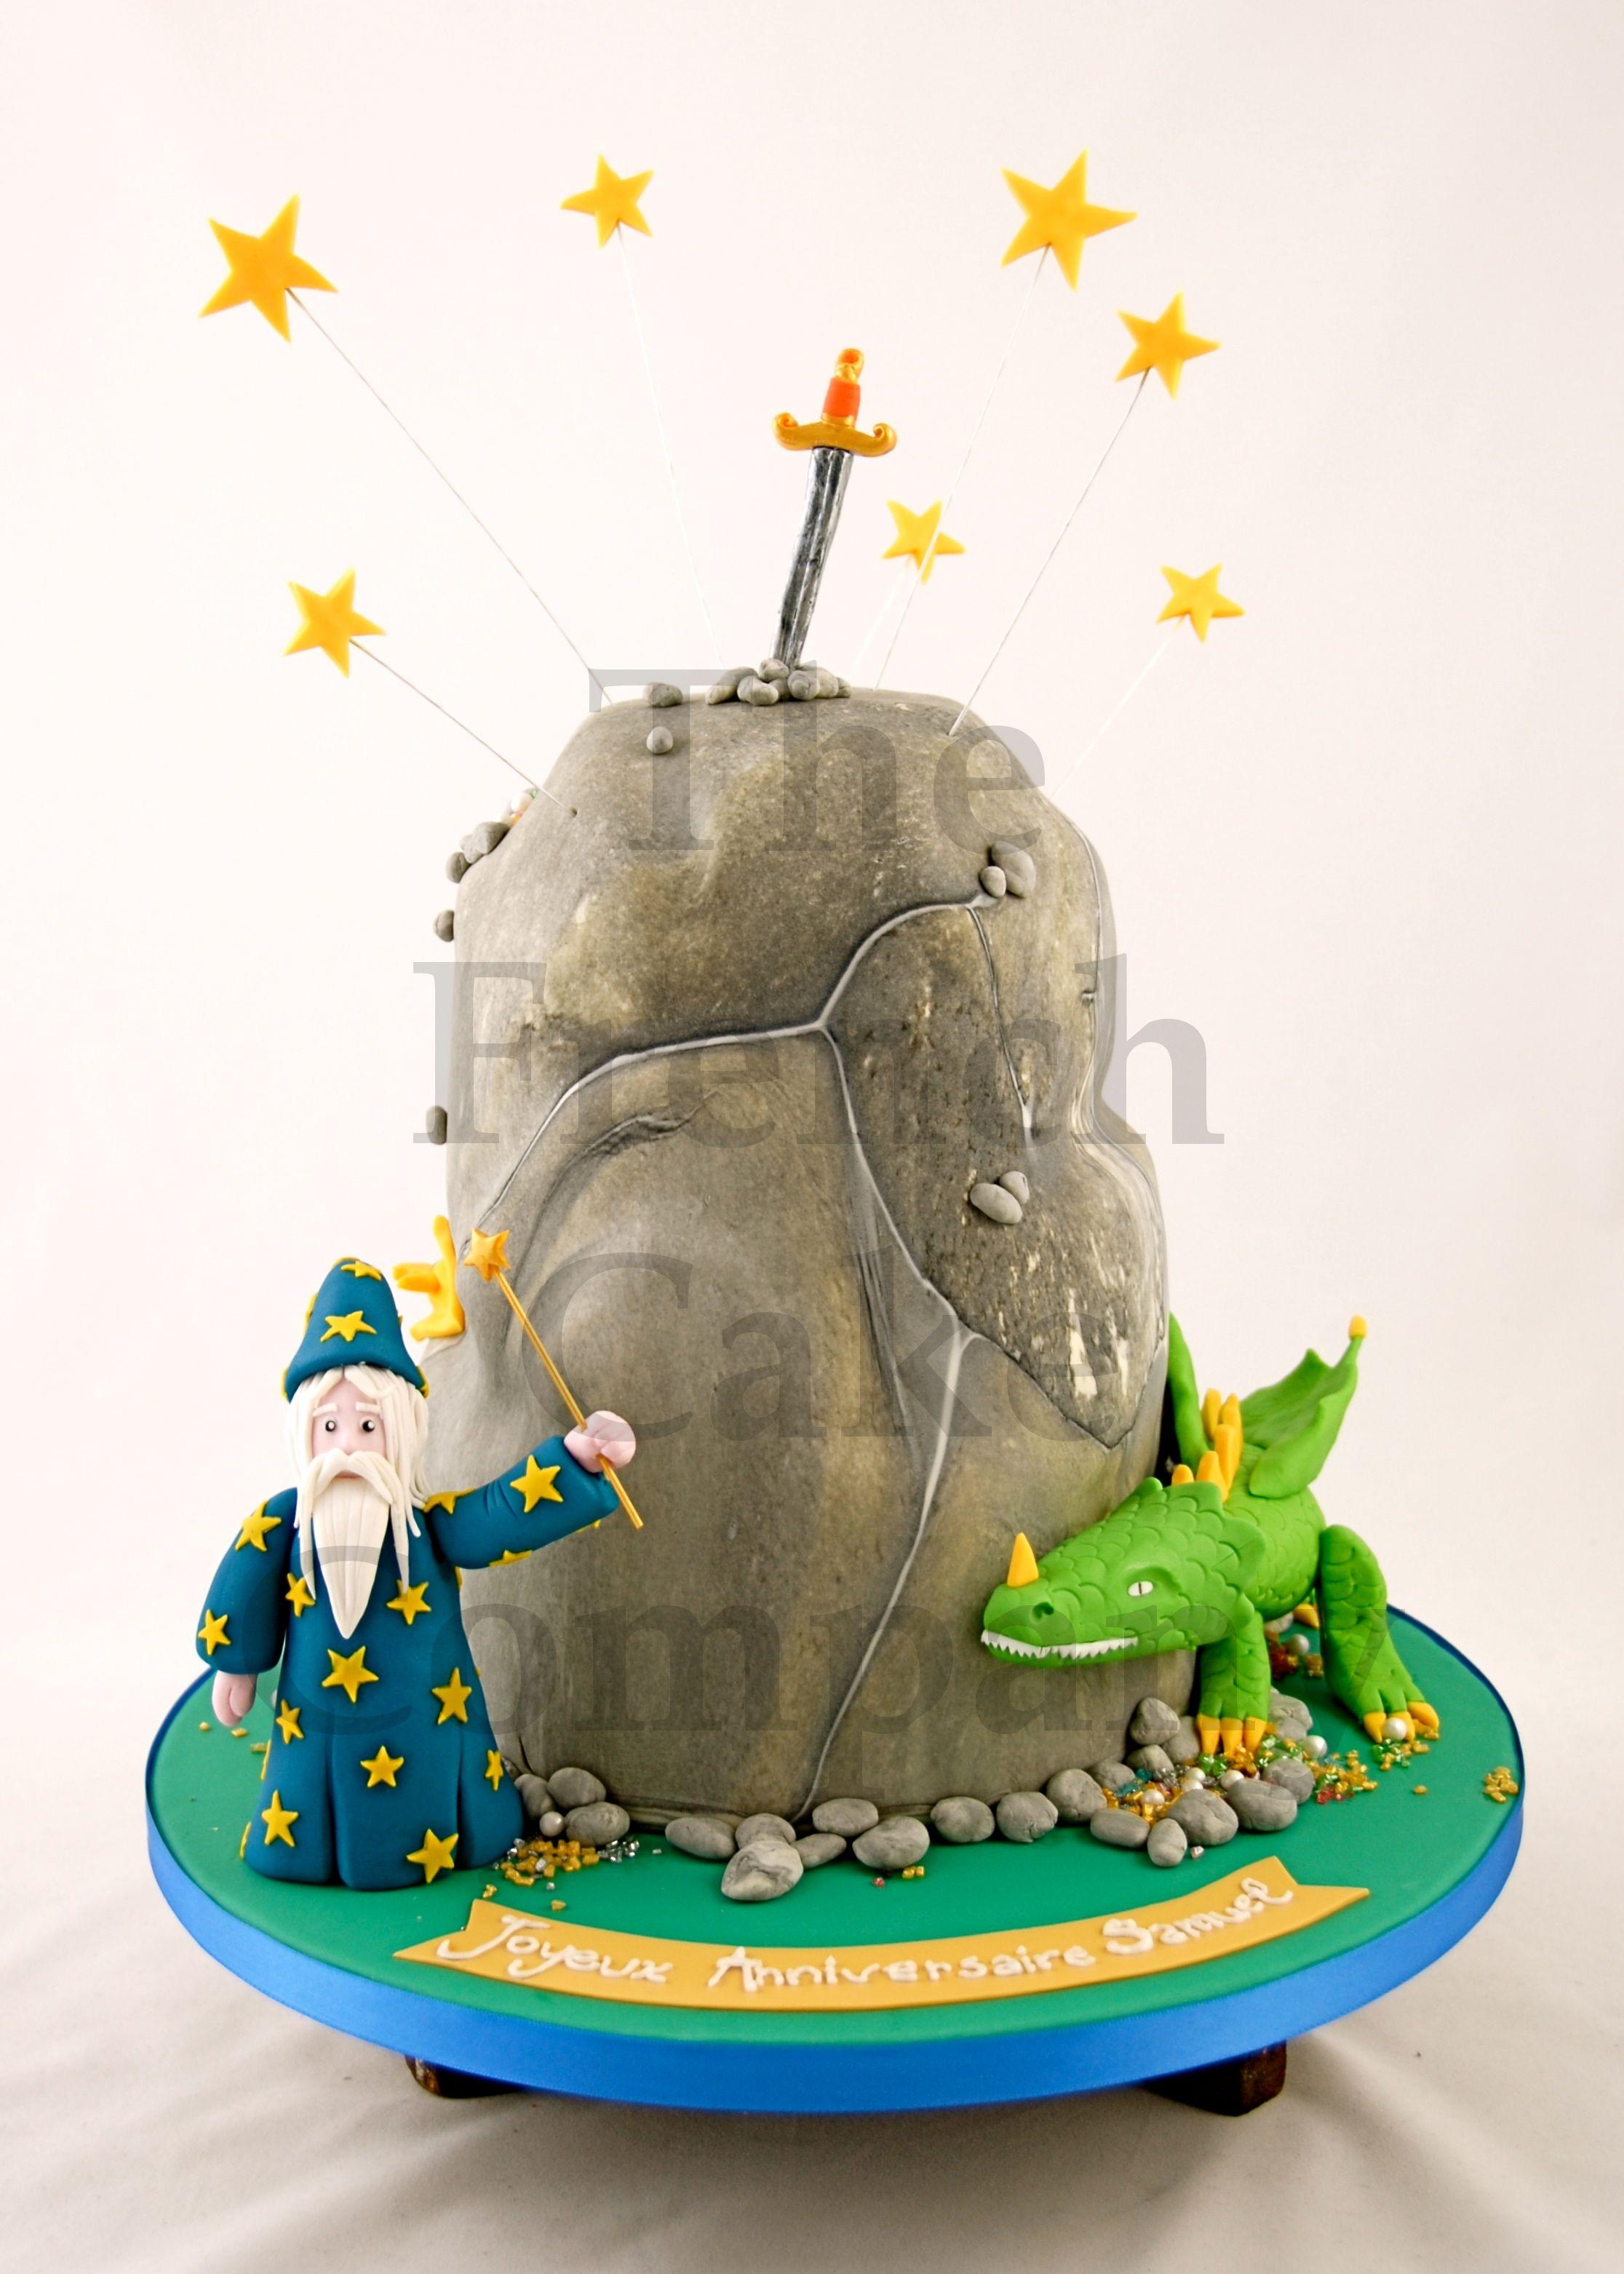 Cake for boys Gateau D anniversaire Pour Enfants Garcon Merlin l enchanteur